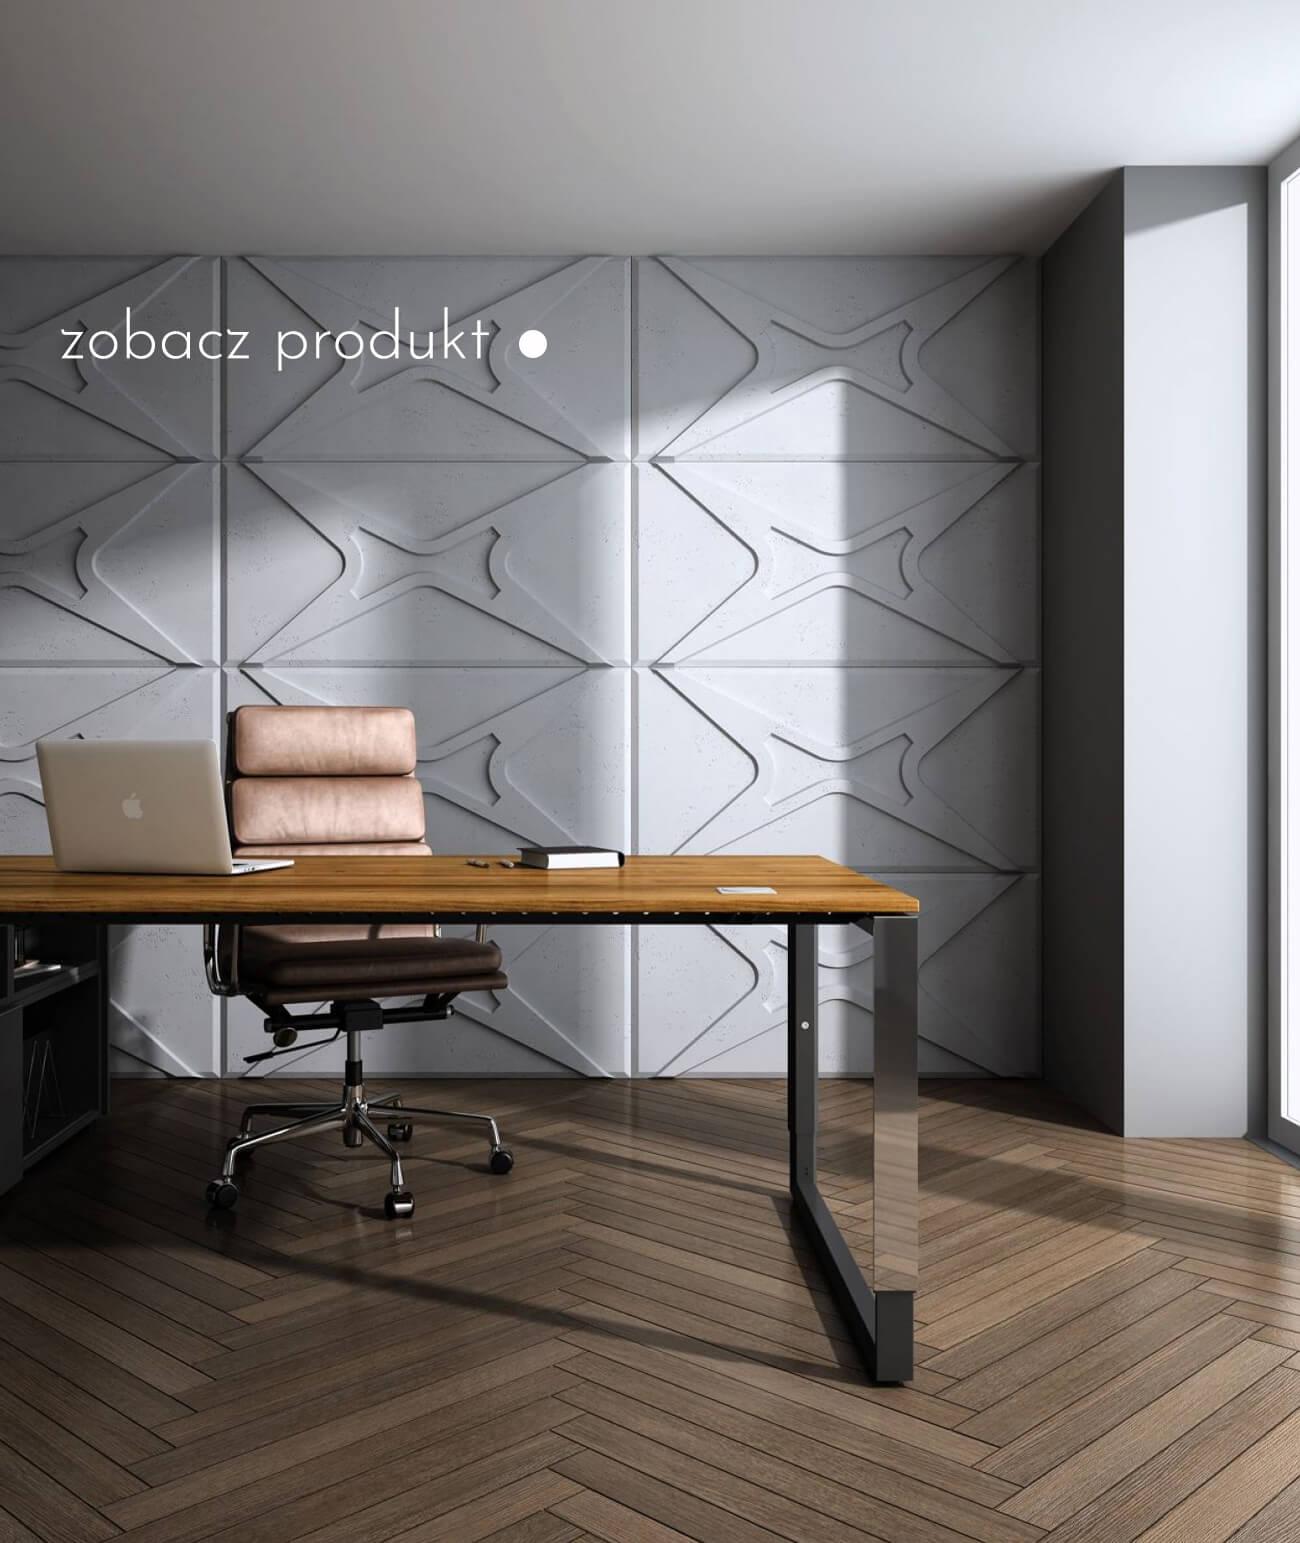 panele-betonowe-3d-scienne-i-elewacyjne-beton-architektoniczny_507-2742-pb17-s50-jasny-szary-mysi-modul-x---panel-dekor-3d-beton-architektoniczny-panel-scienny